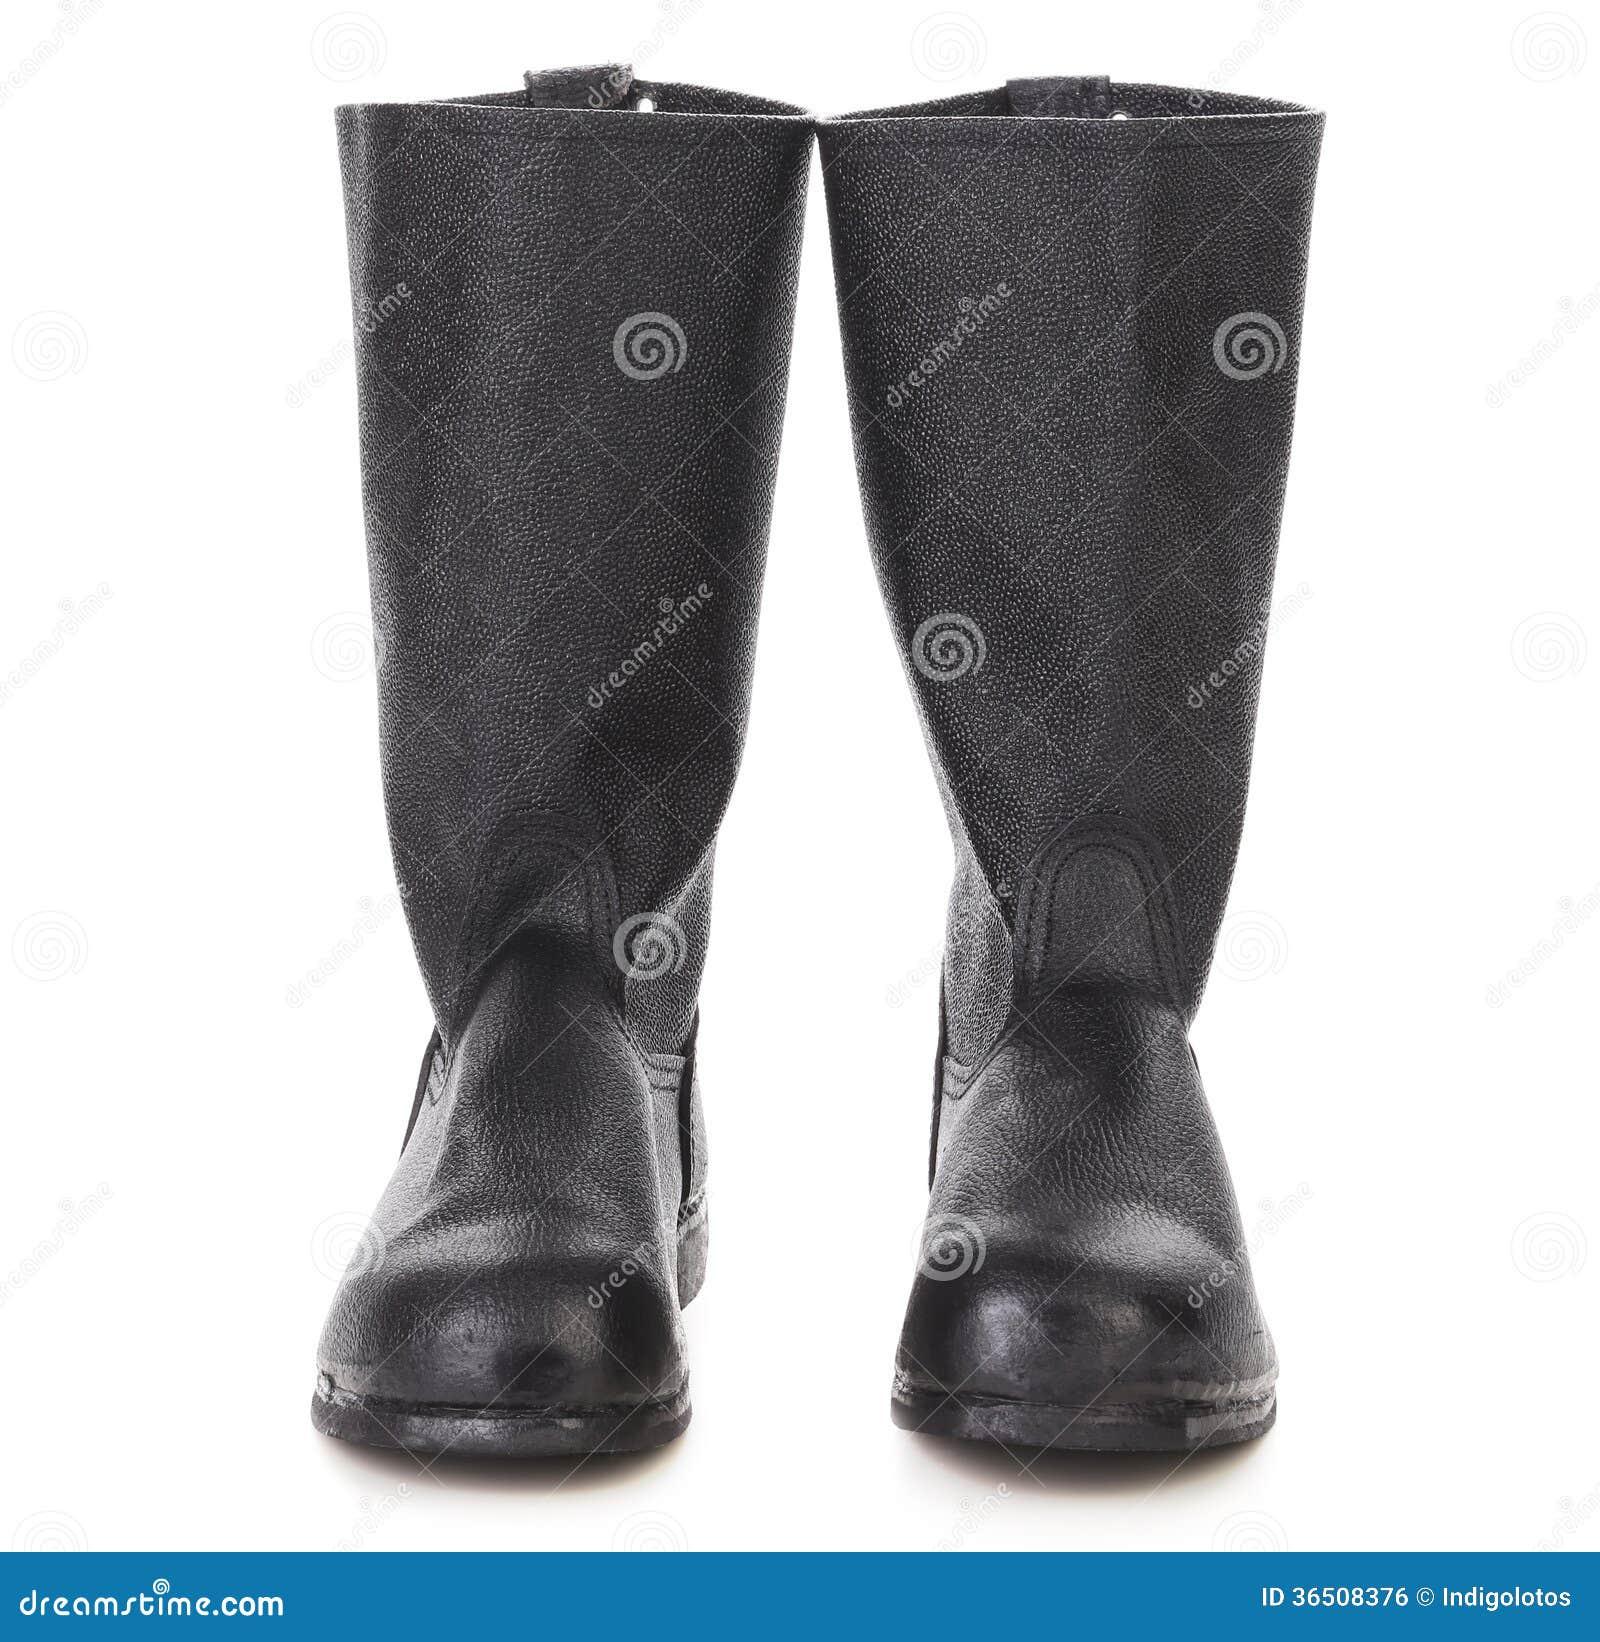 Schwarze Farbe der Stiefel.